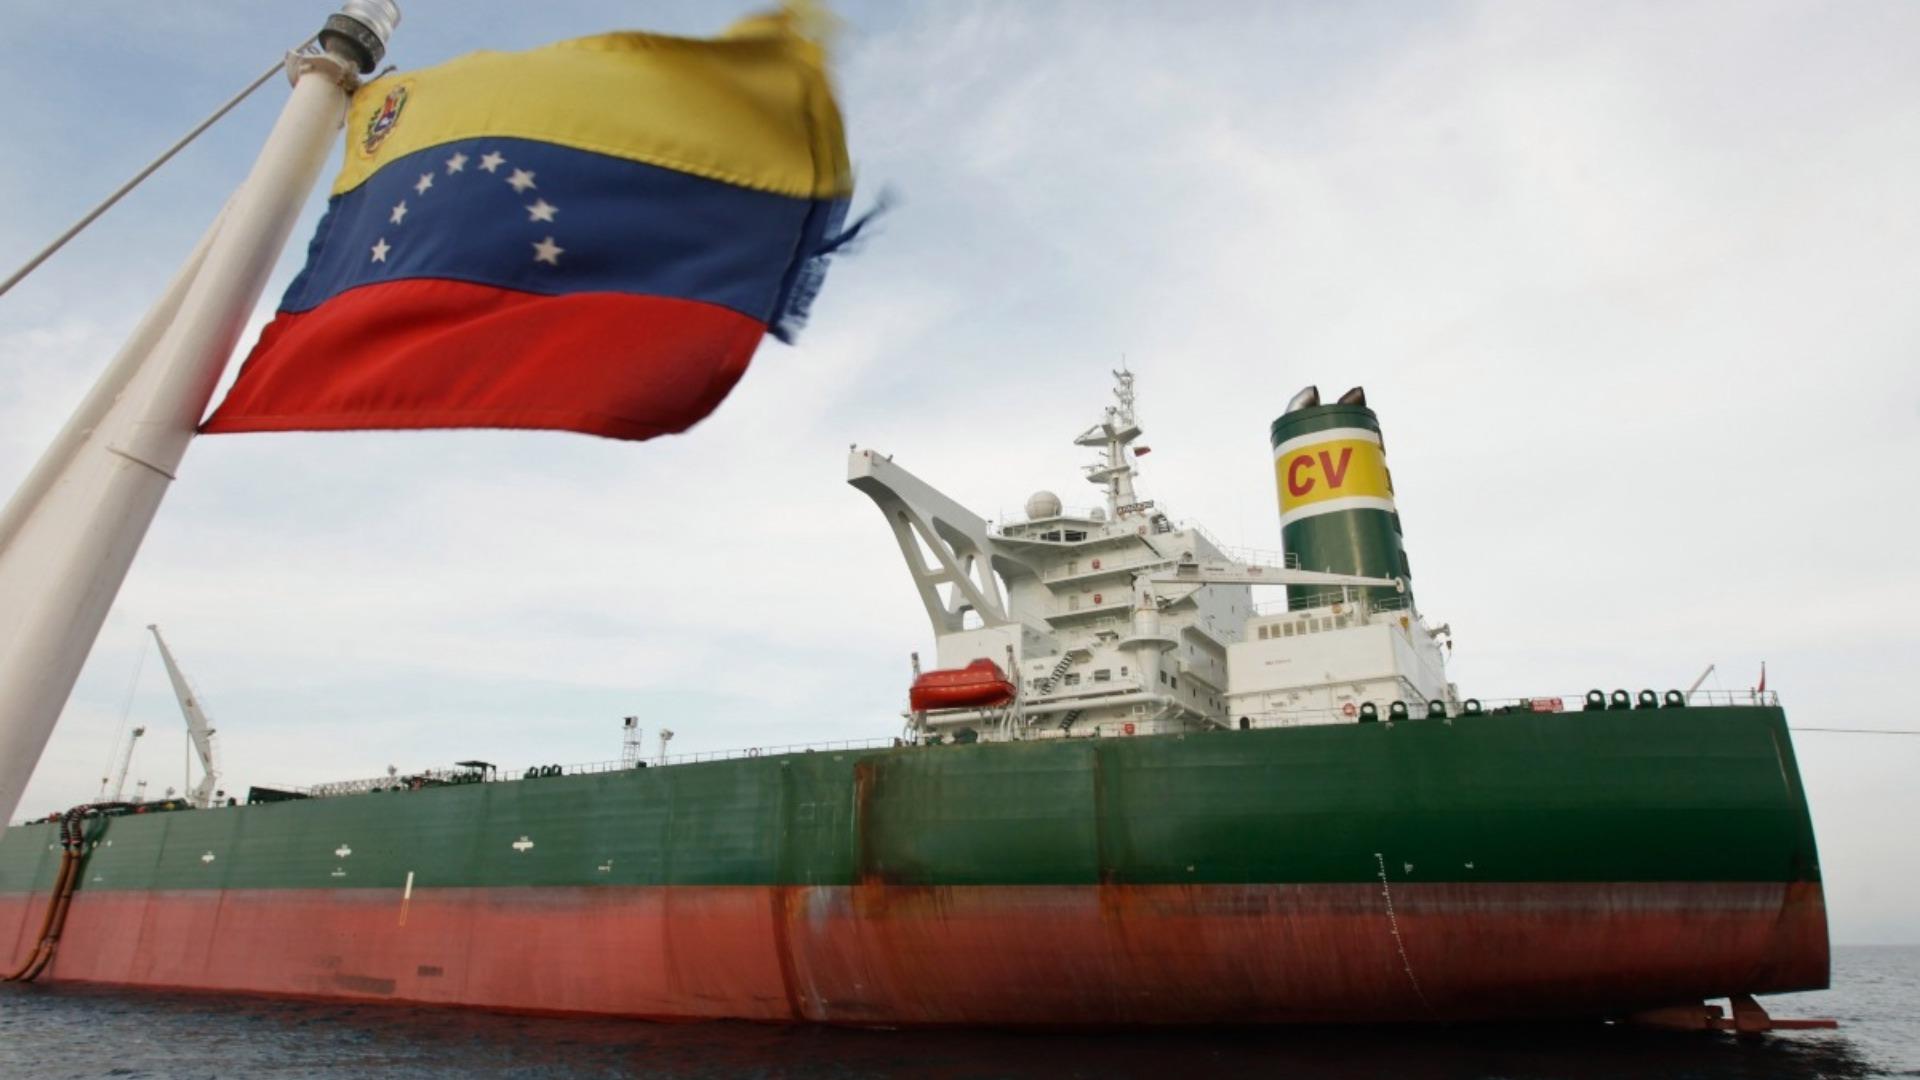 El precio de la cesta petrolera lleva 39 días sin conocerse